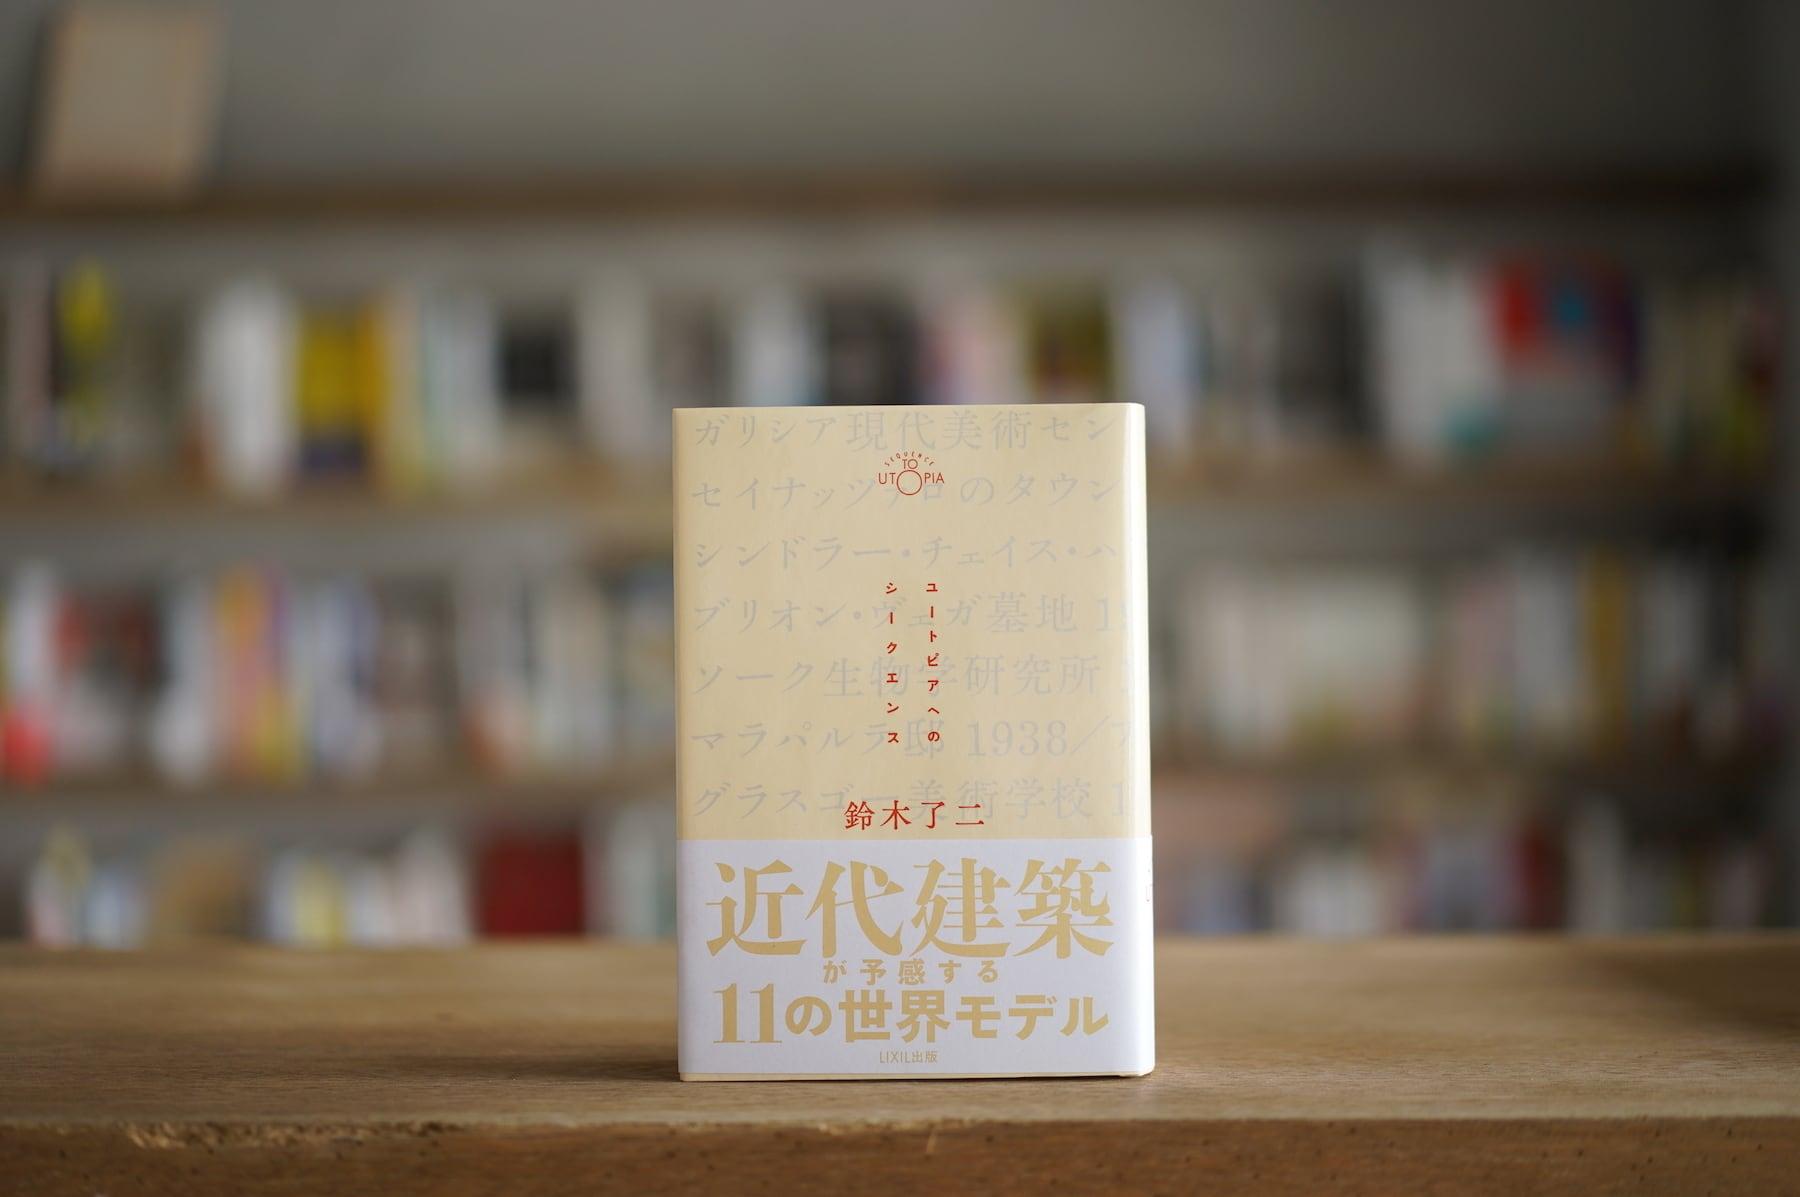 鈴木了二 『ユートピアへのシークエンス』 (LIXIL出版、2017)